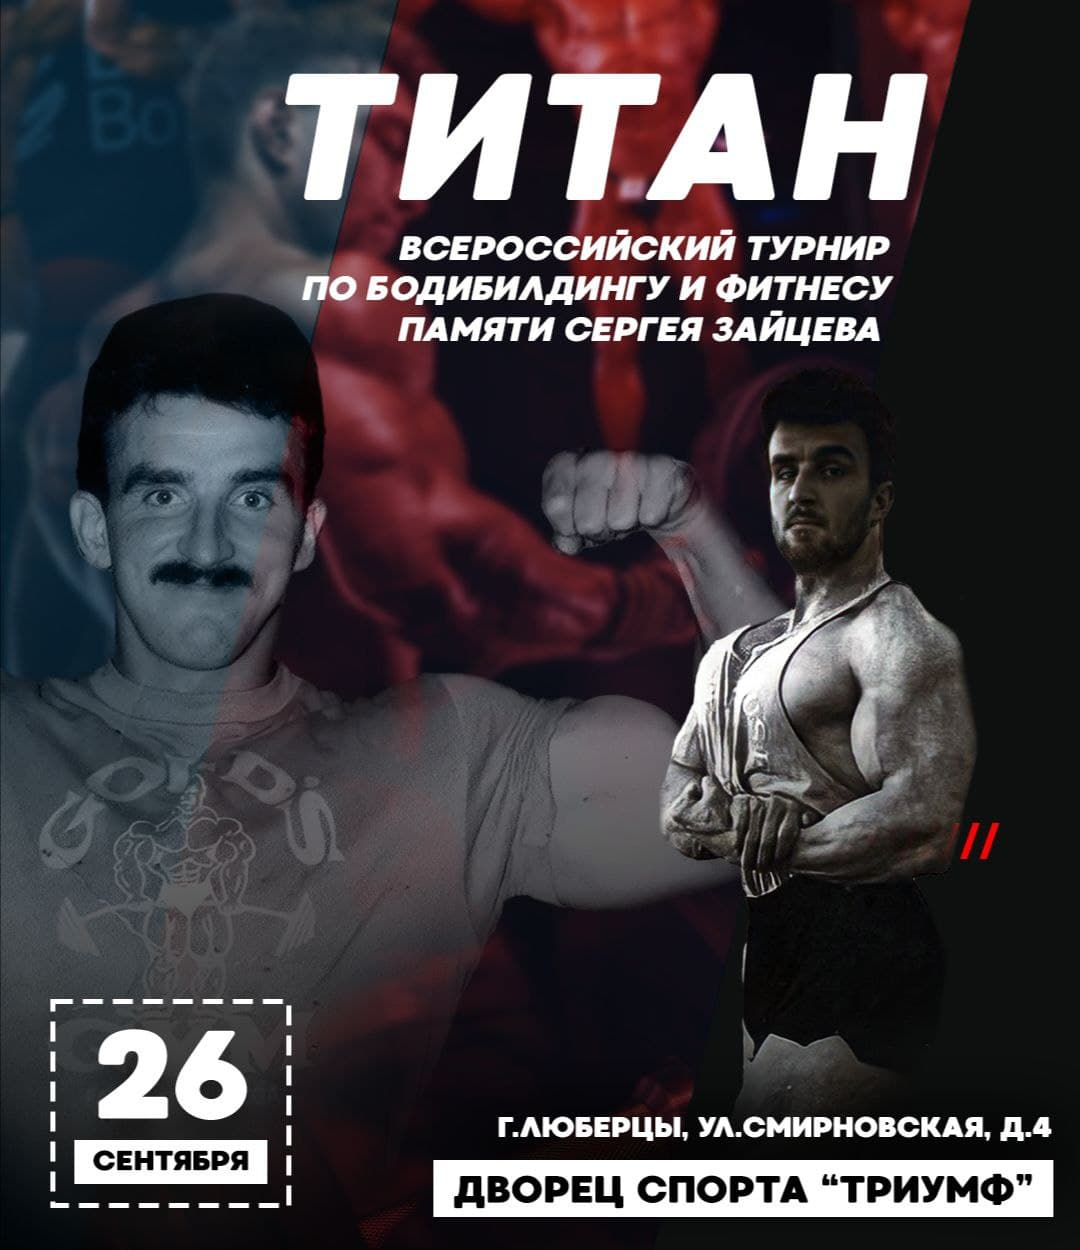 Всероссийский турнир по бодибилдингу и фитнесу пройдёт в Люберцах